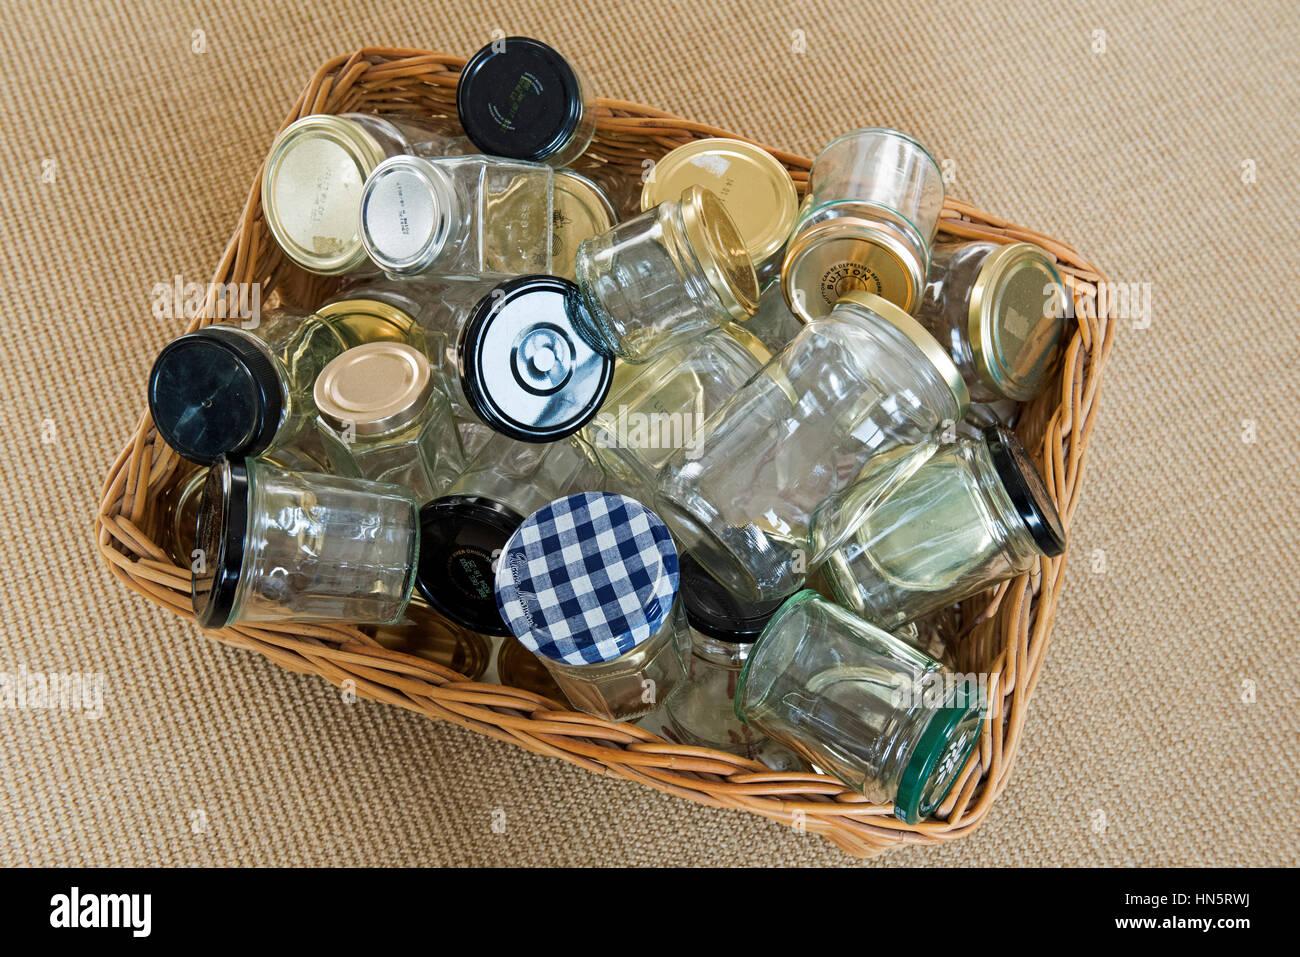 Svuotare vasetti di vetro nel cestello lavato e pronto per il riutilizzo, di stoccaggio o di riciclaggio. Immagini Stock